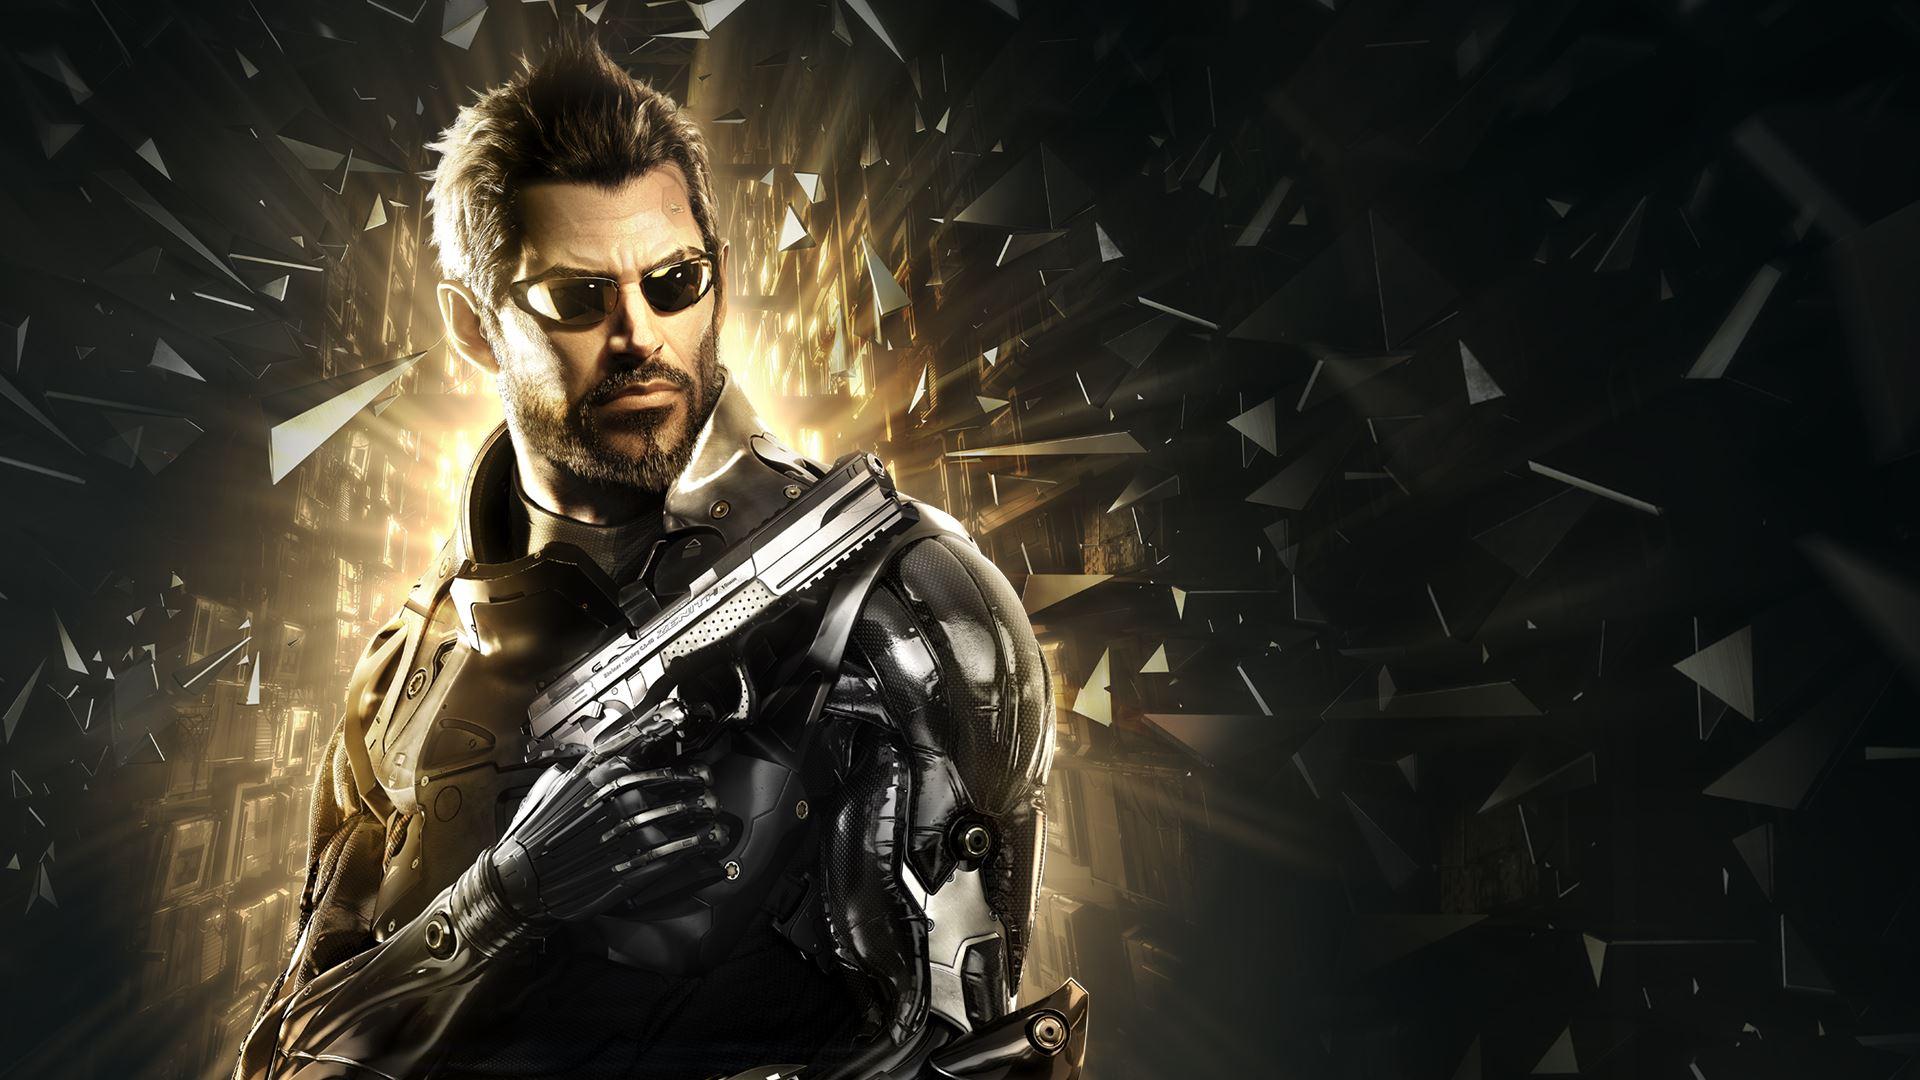 La storia di Deus Ex Mankind Divided raccontata nel nuovo trailer